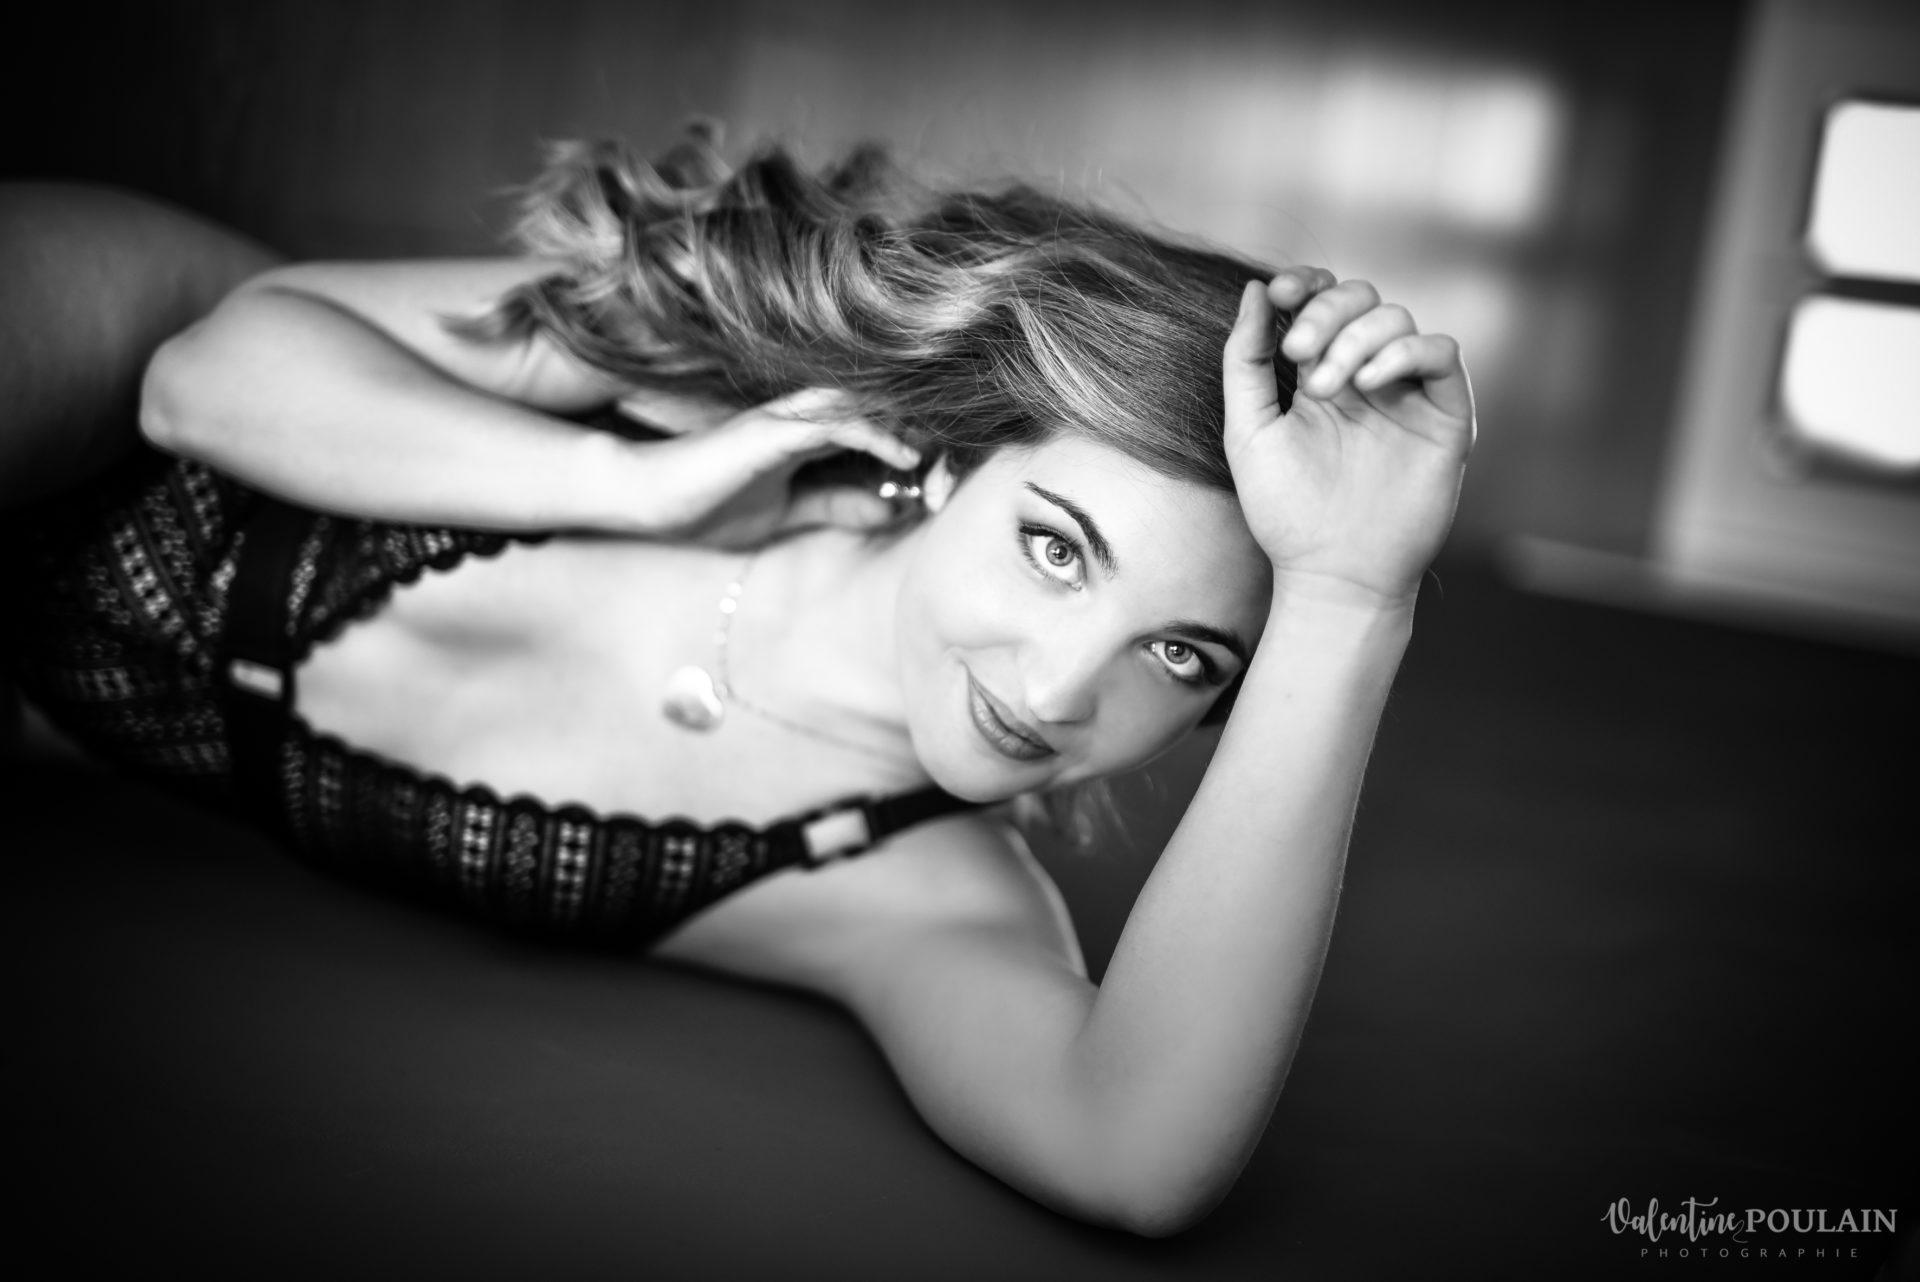 boudoir noir&blanc - Valentine Poulain